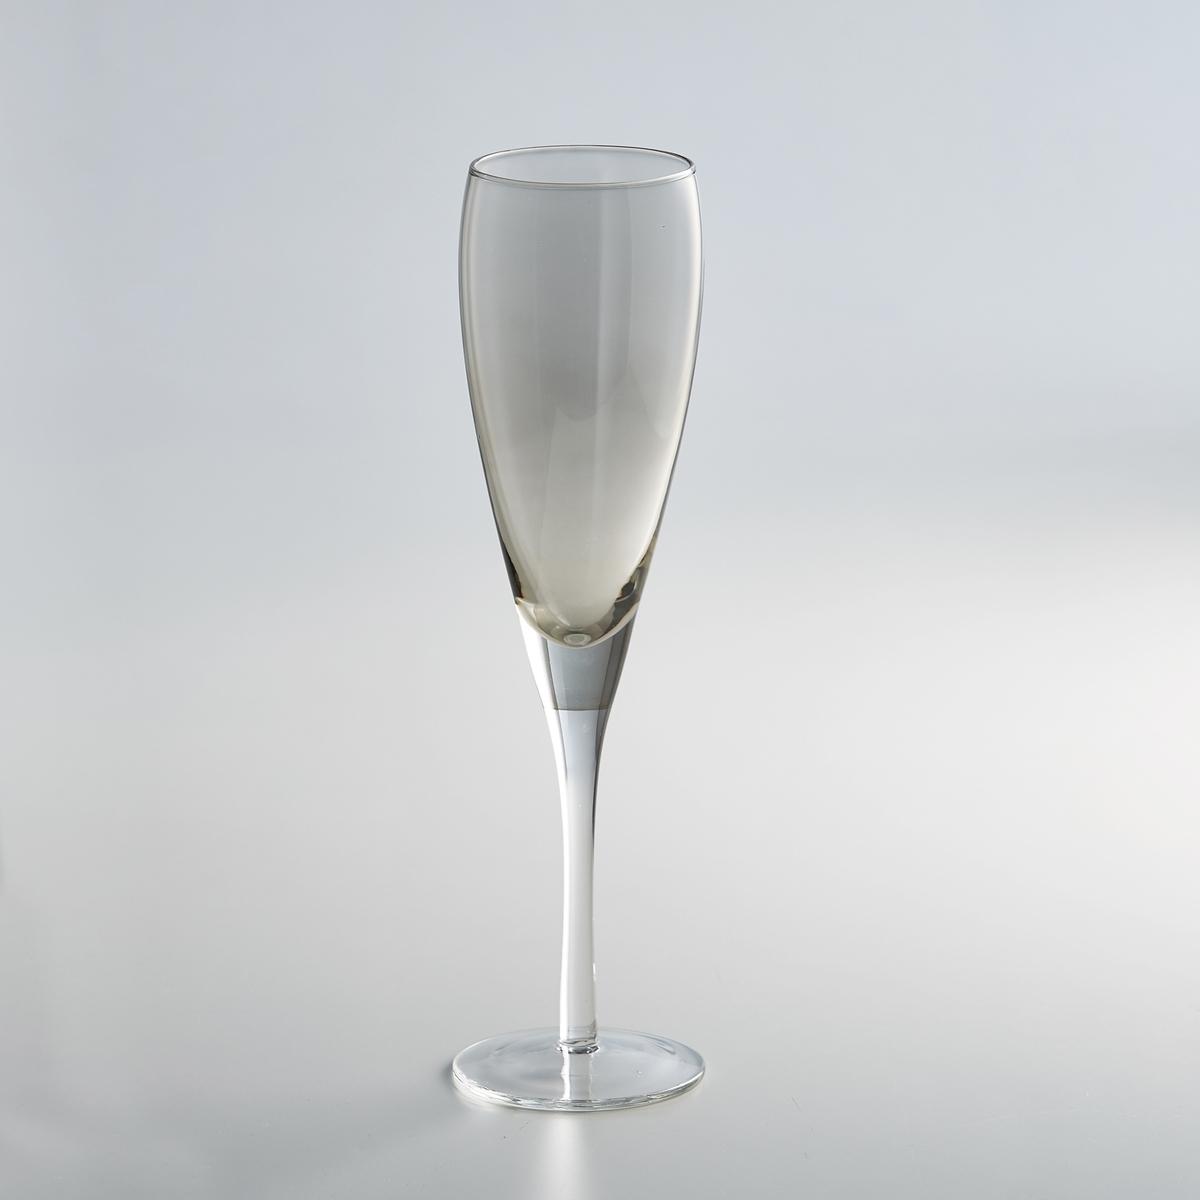 Комплект из фужеров под La Redoute Шампанское KOUTINE единый размер серый цена